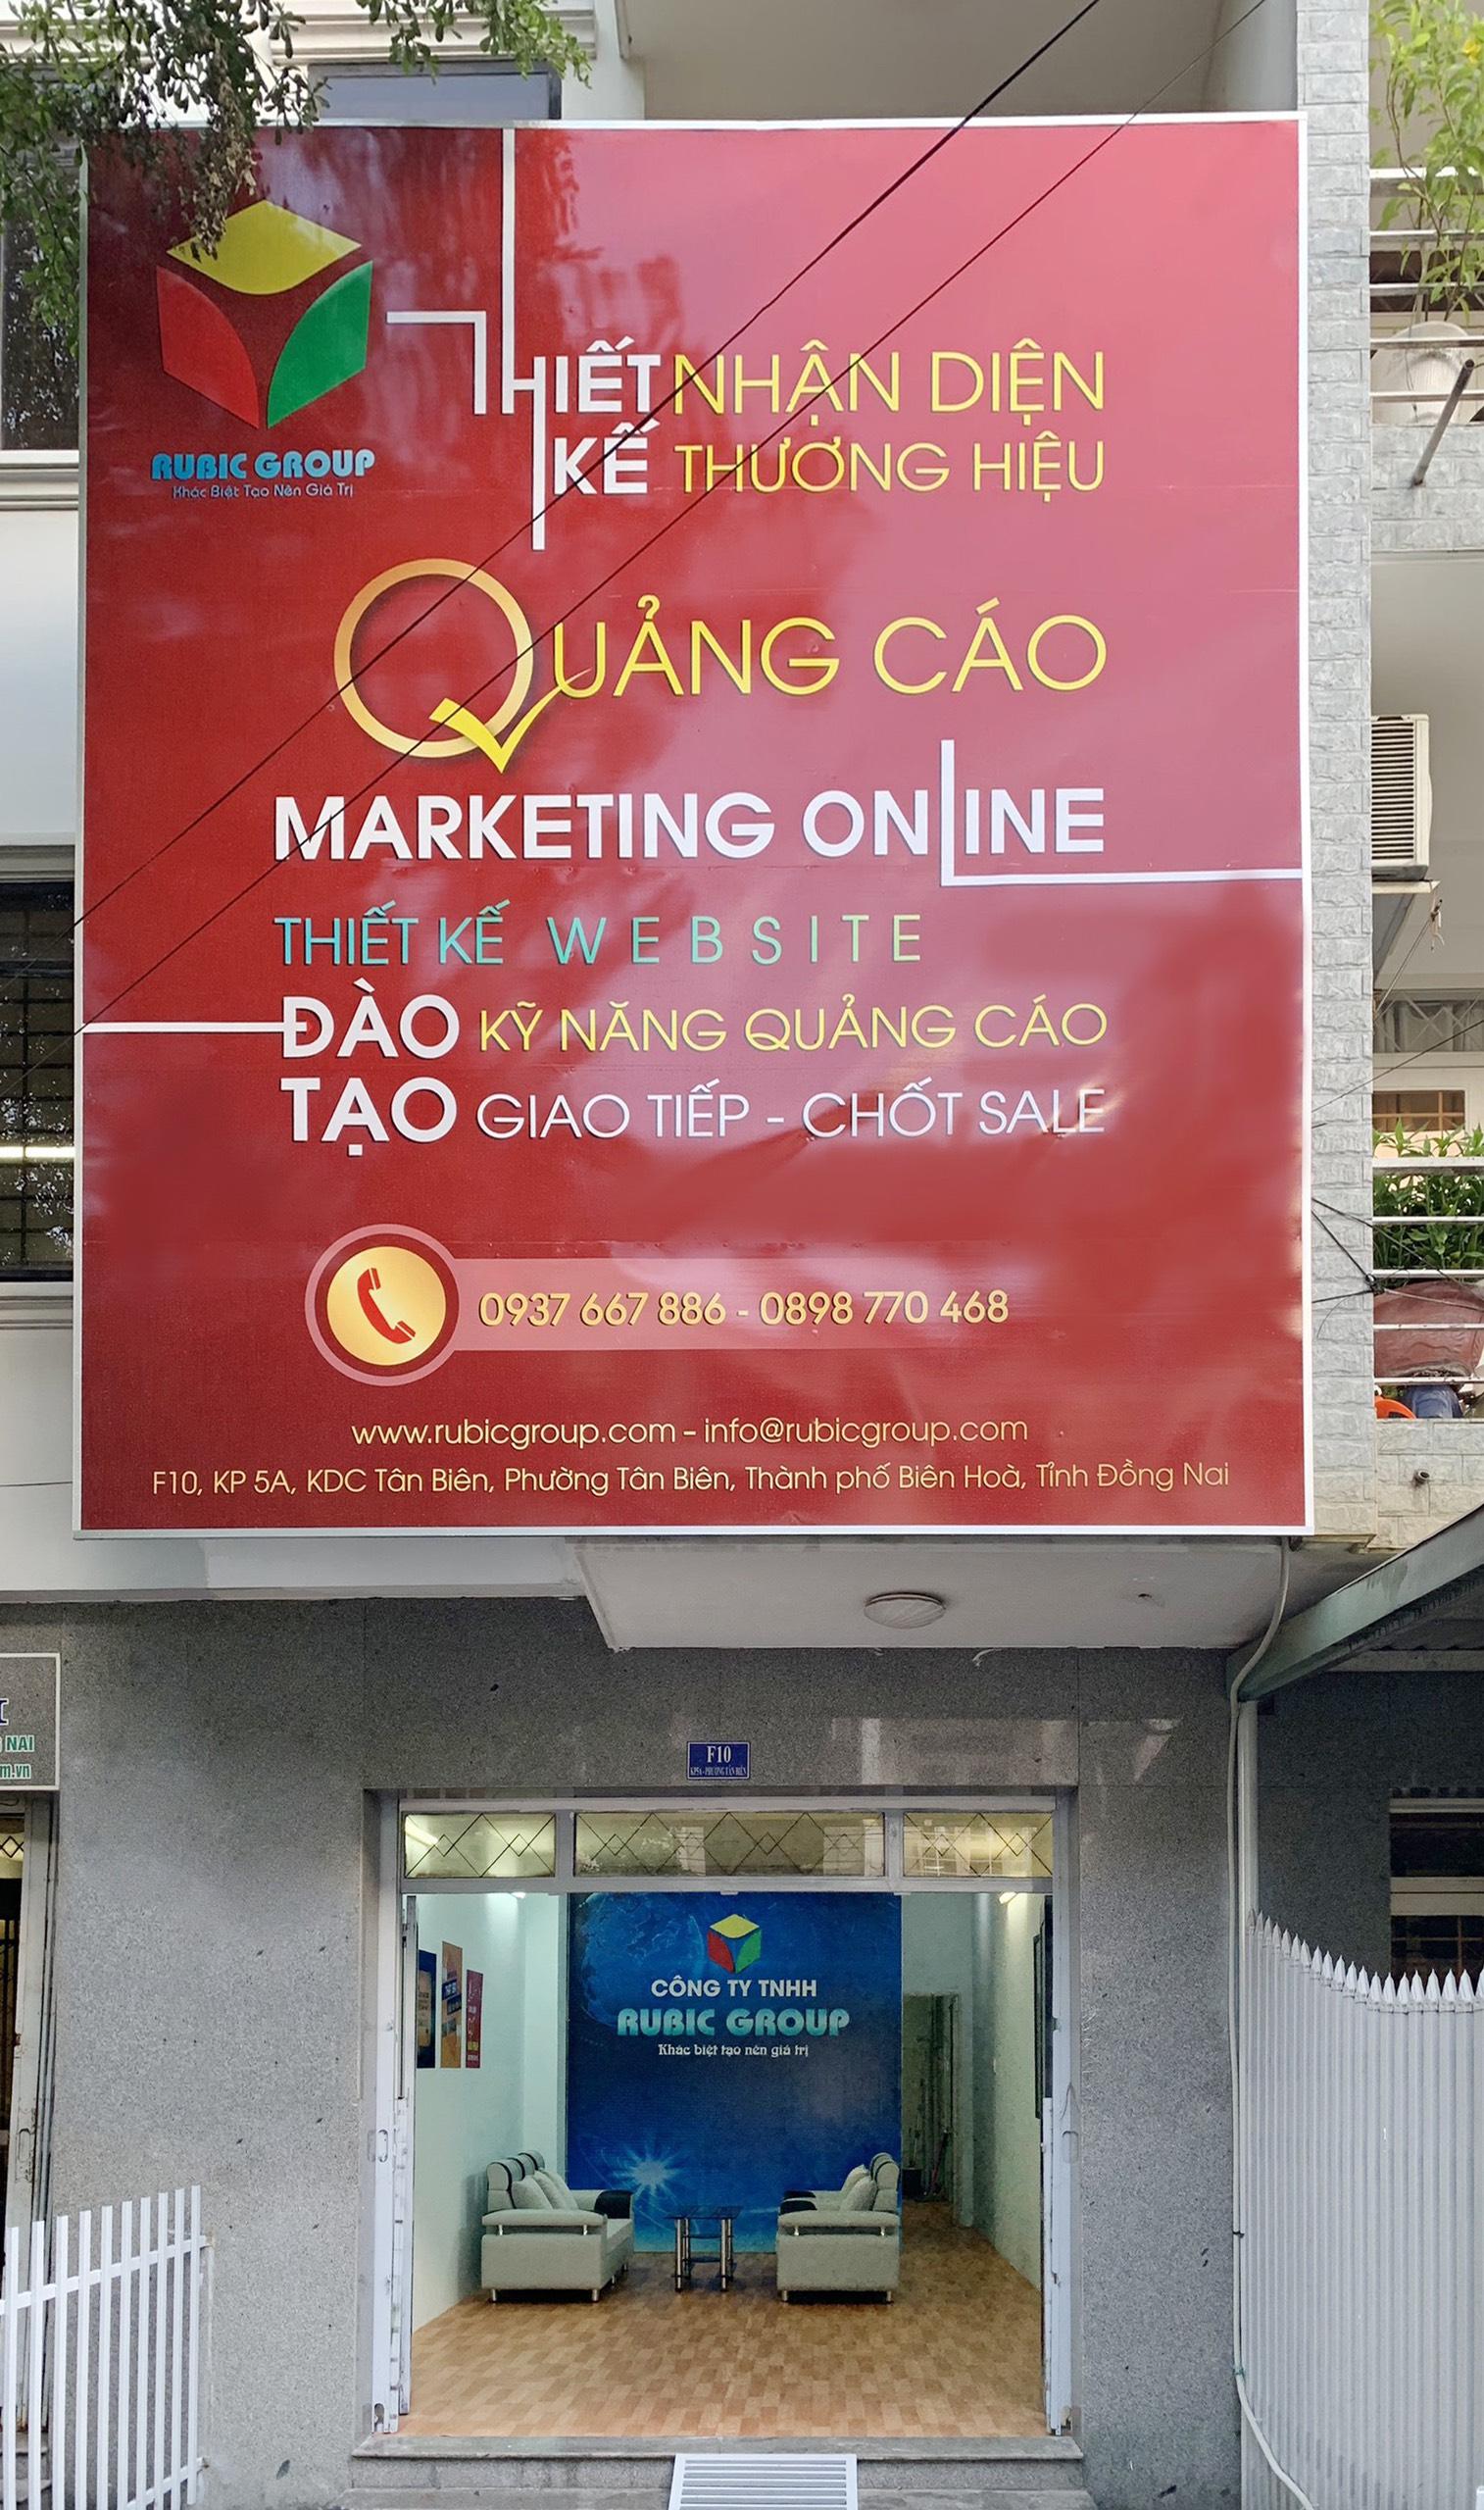 Bảng quảng cáo của RUBIC group